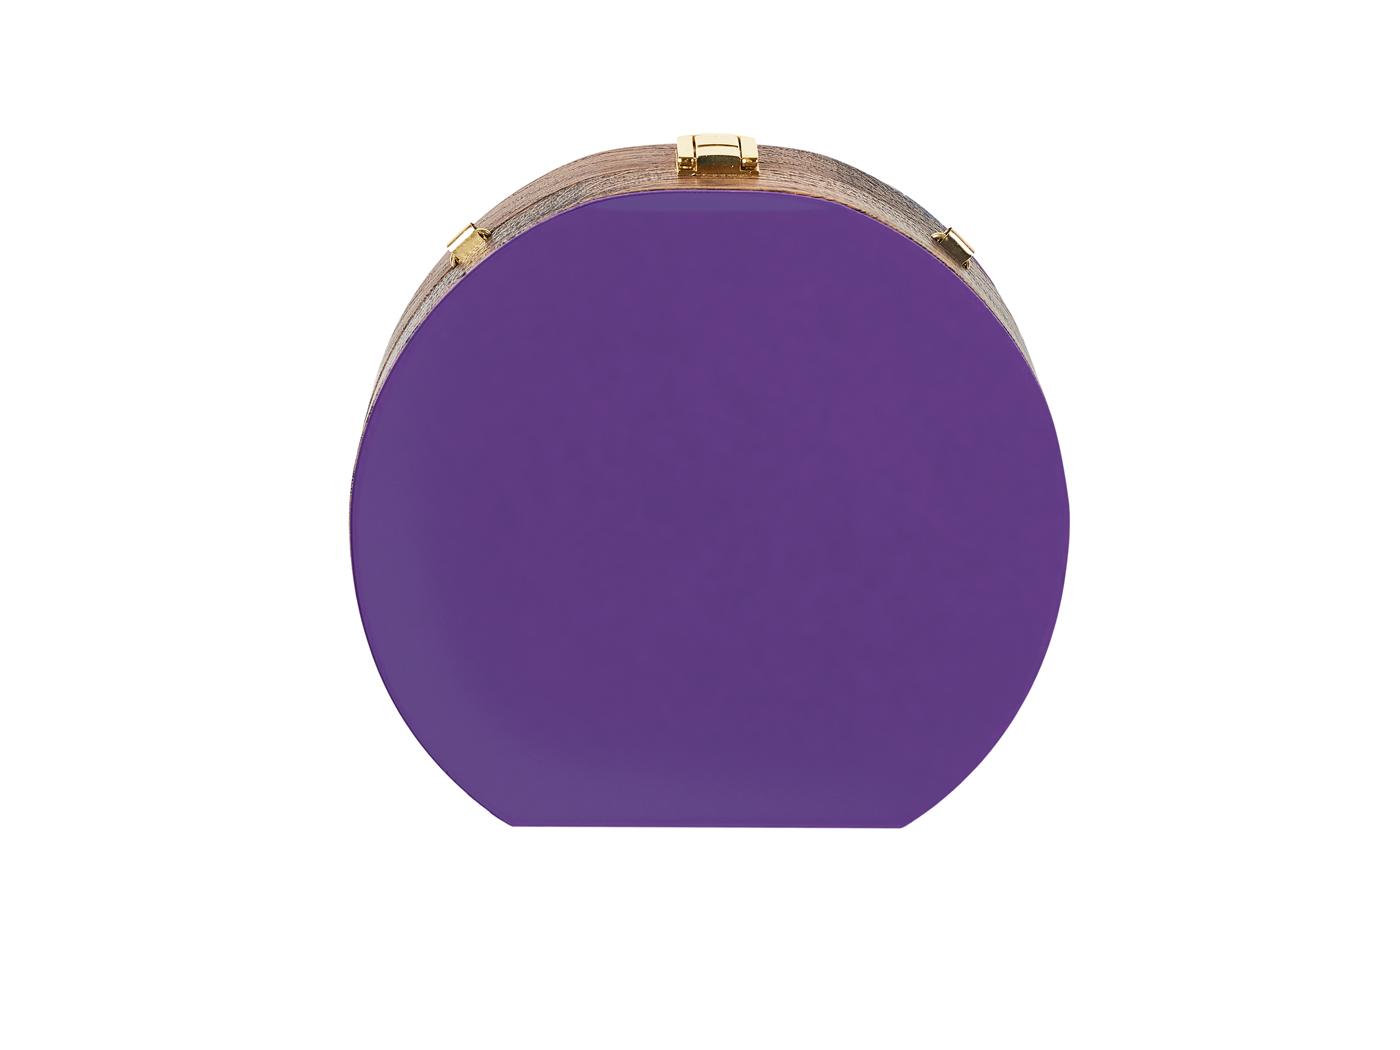 Golovina-marble-clutch-bag-violet-and-blue-3